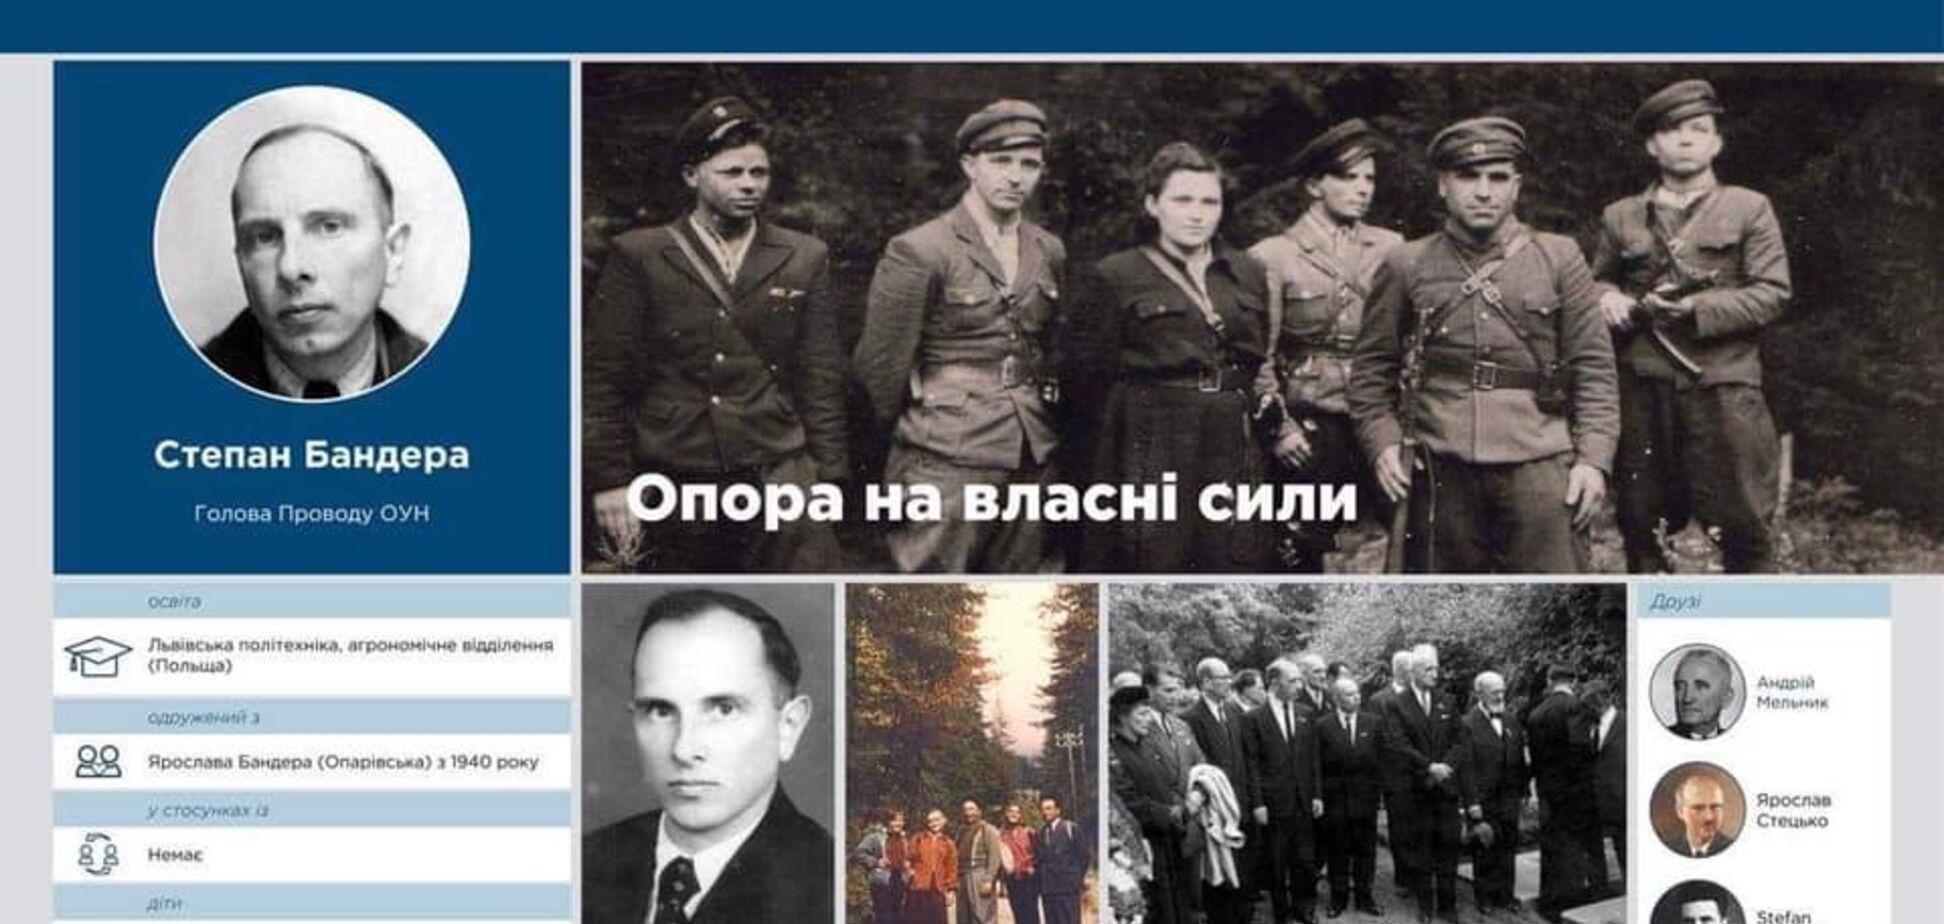 Страница Степана Бандеры